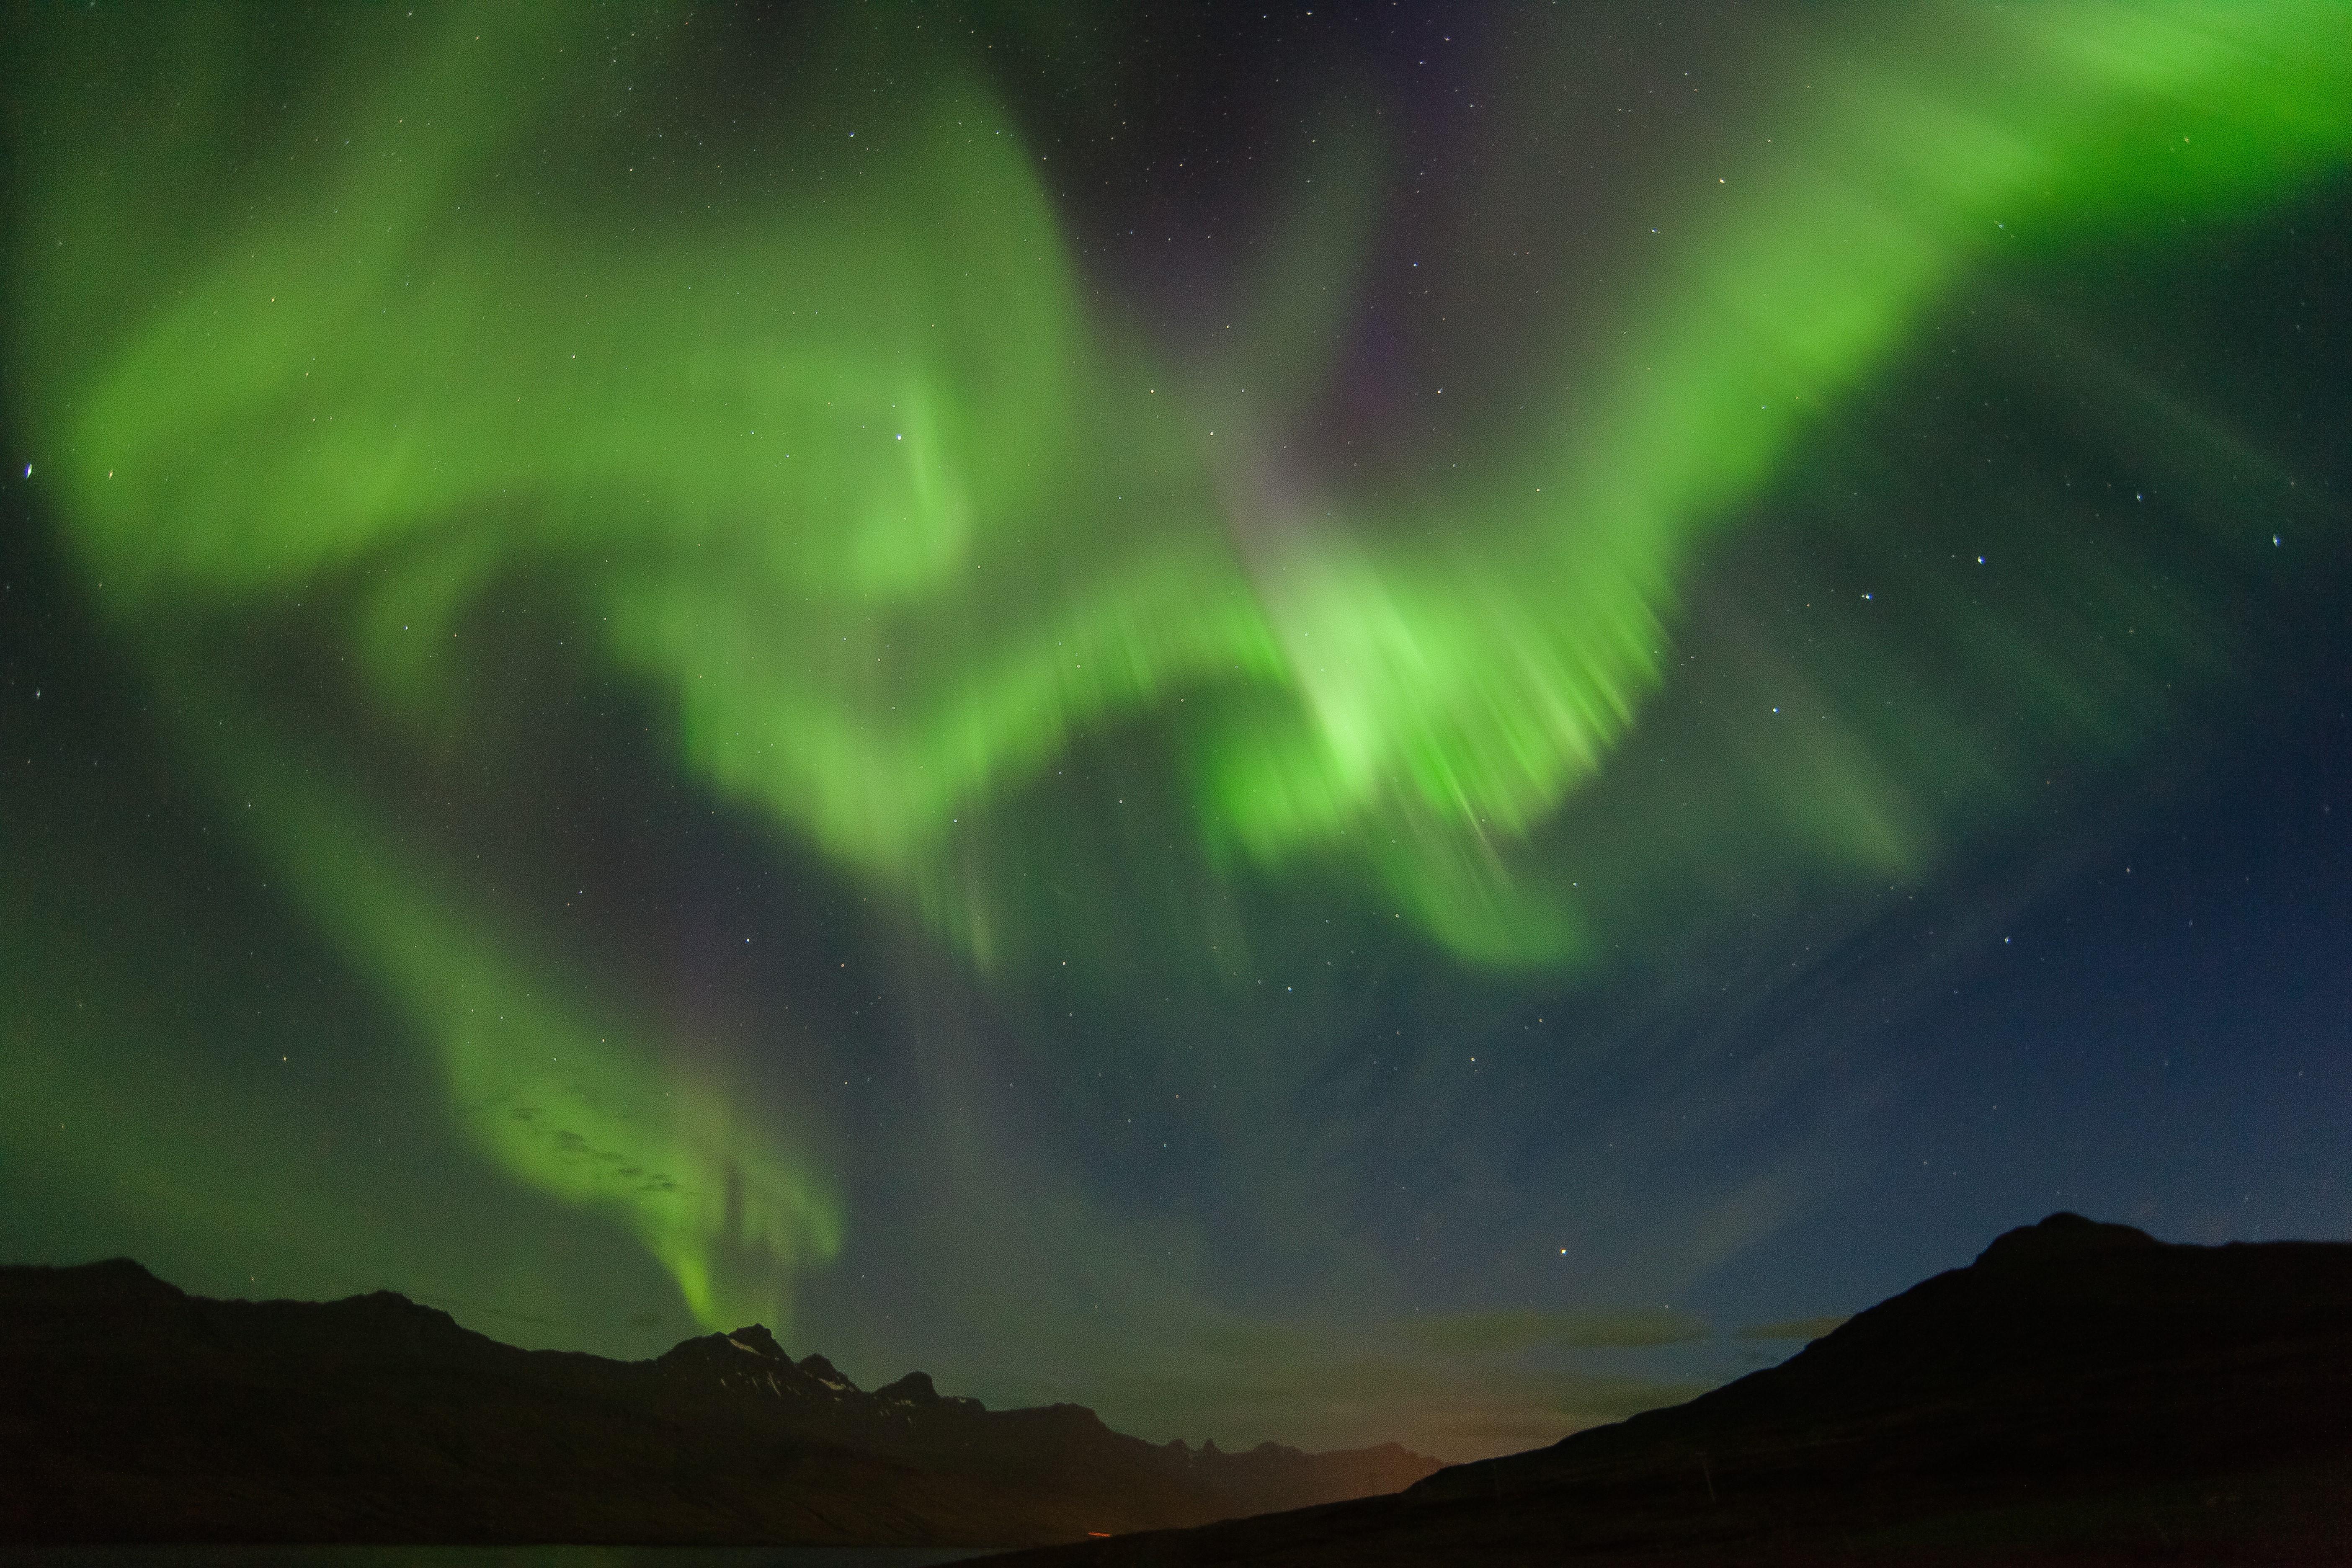 Un affichage particulièrement intense des aurores boréales.